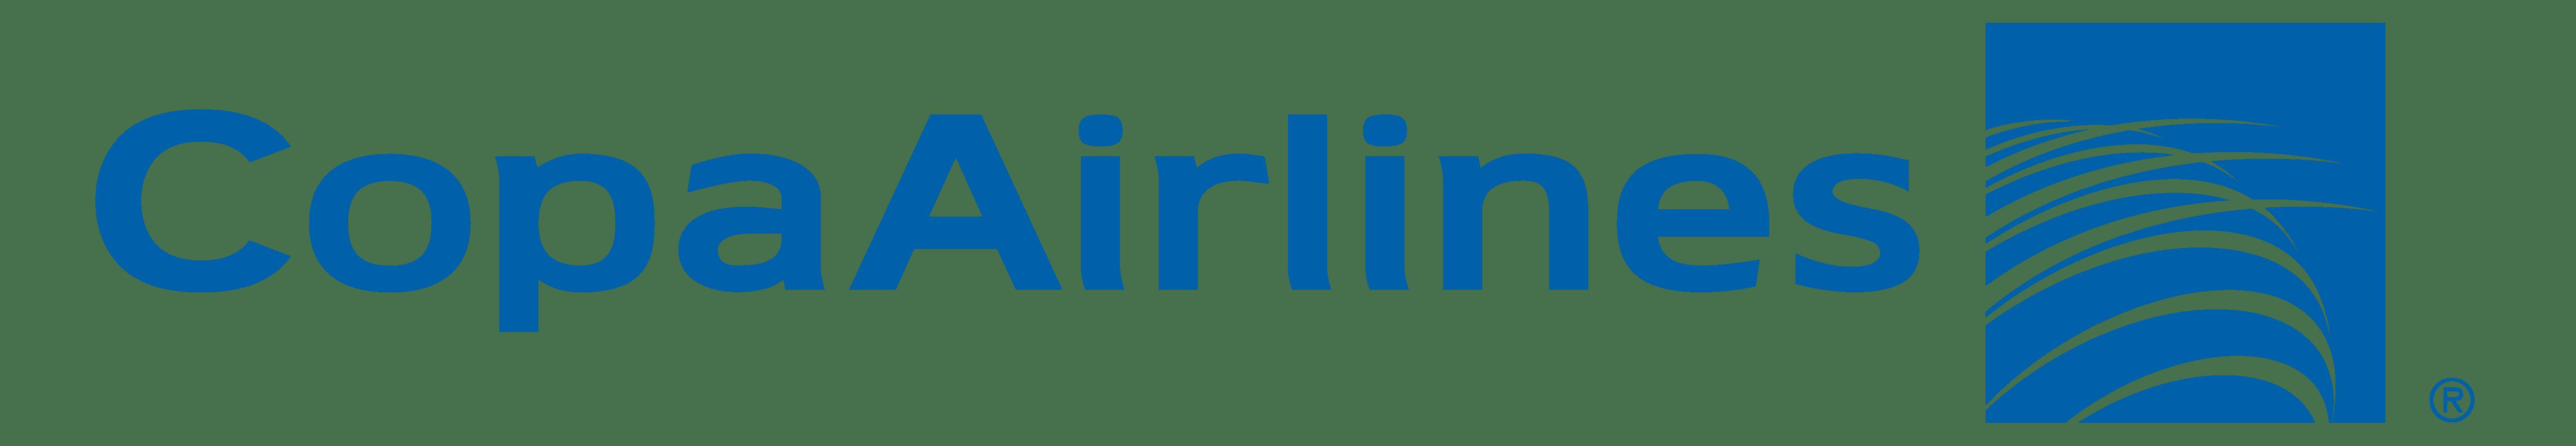 Resultado de imagen para Copa Airlines logo mAx